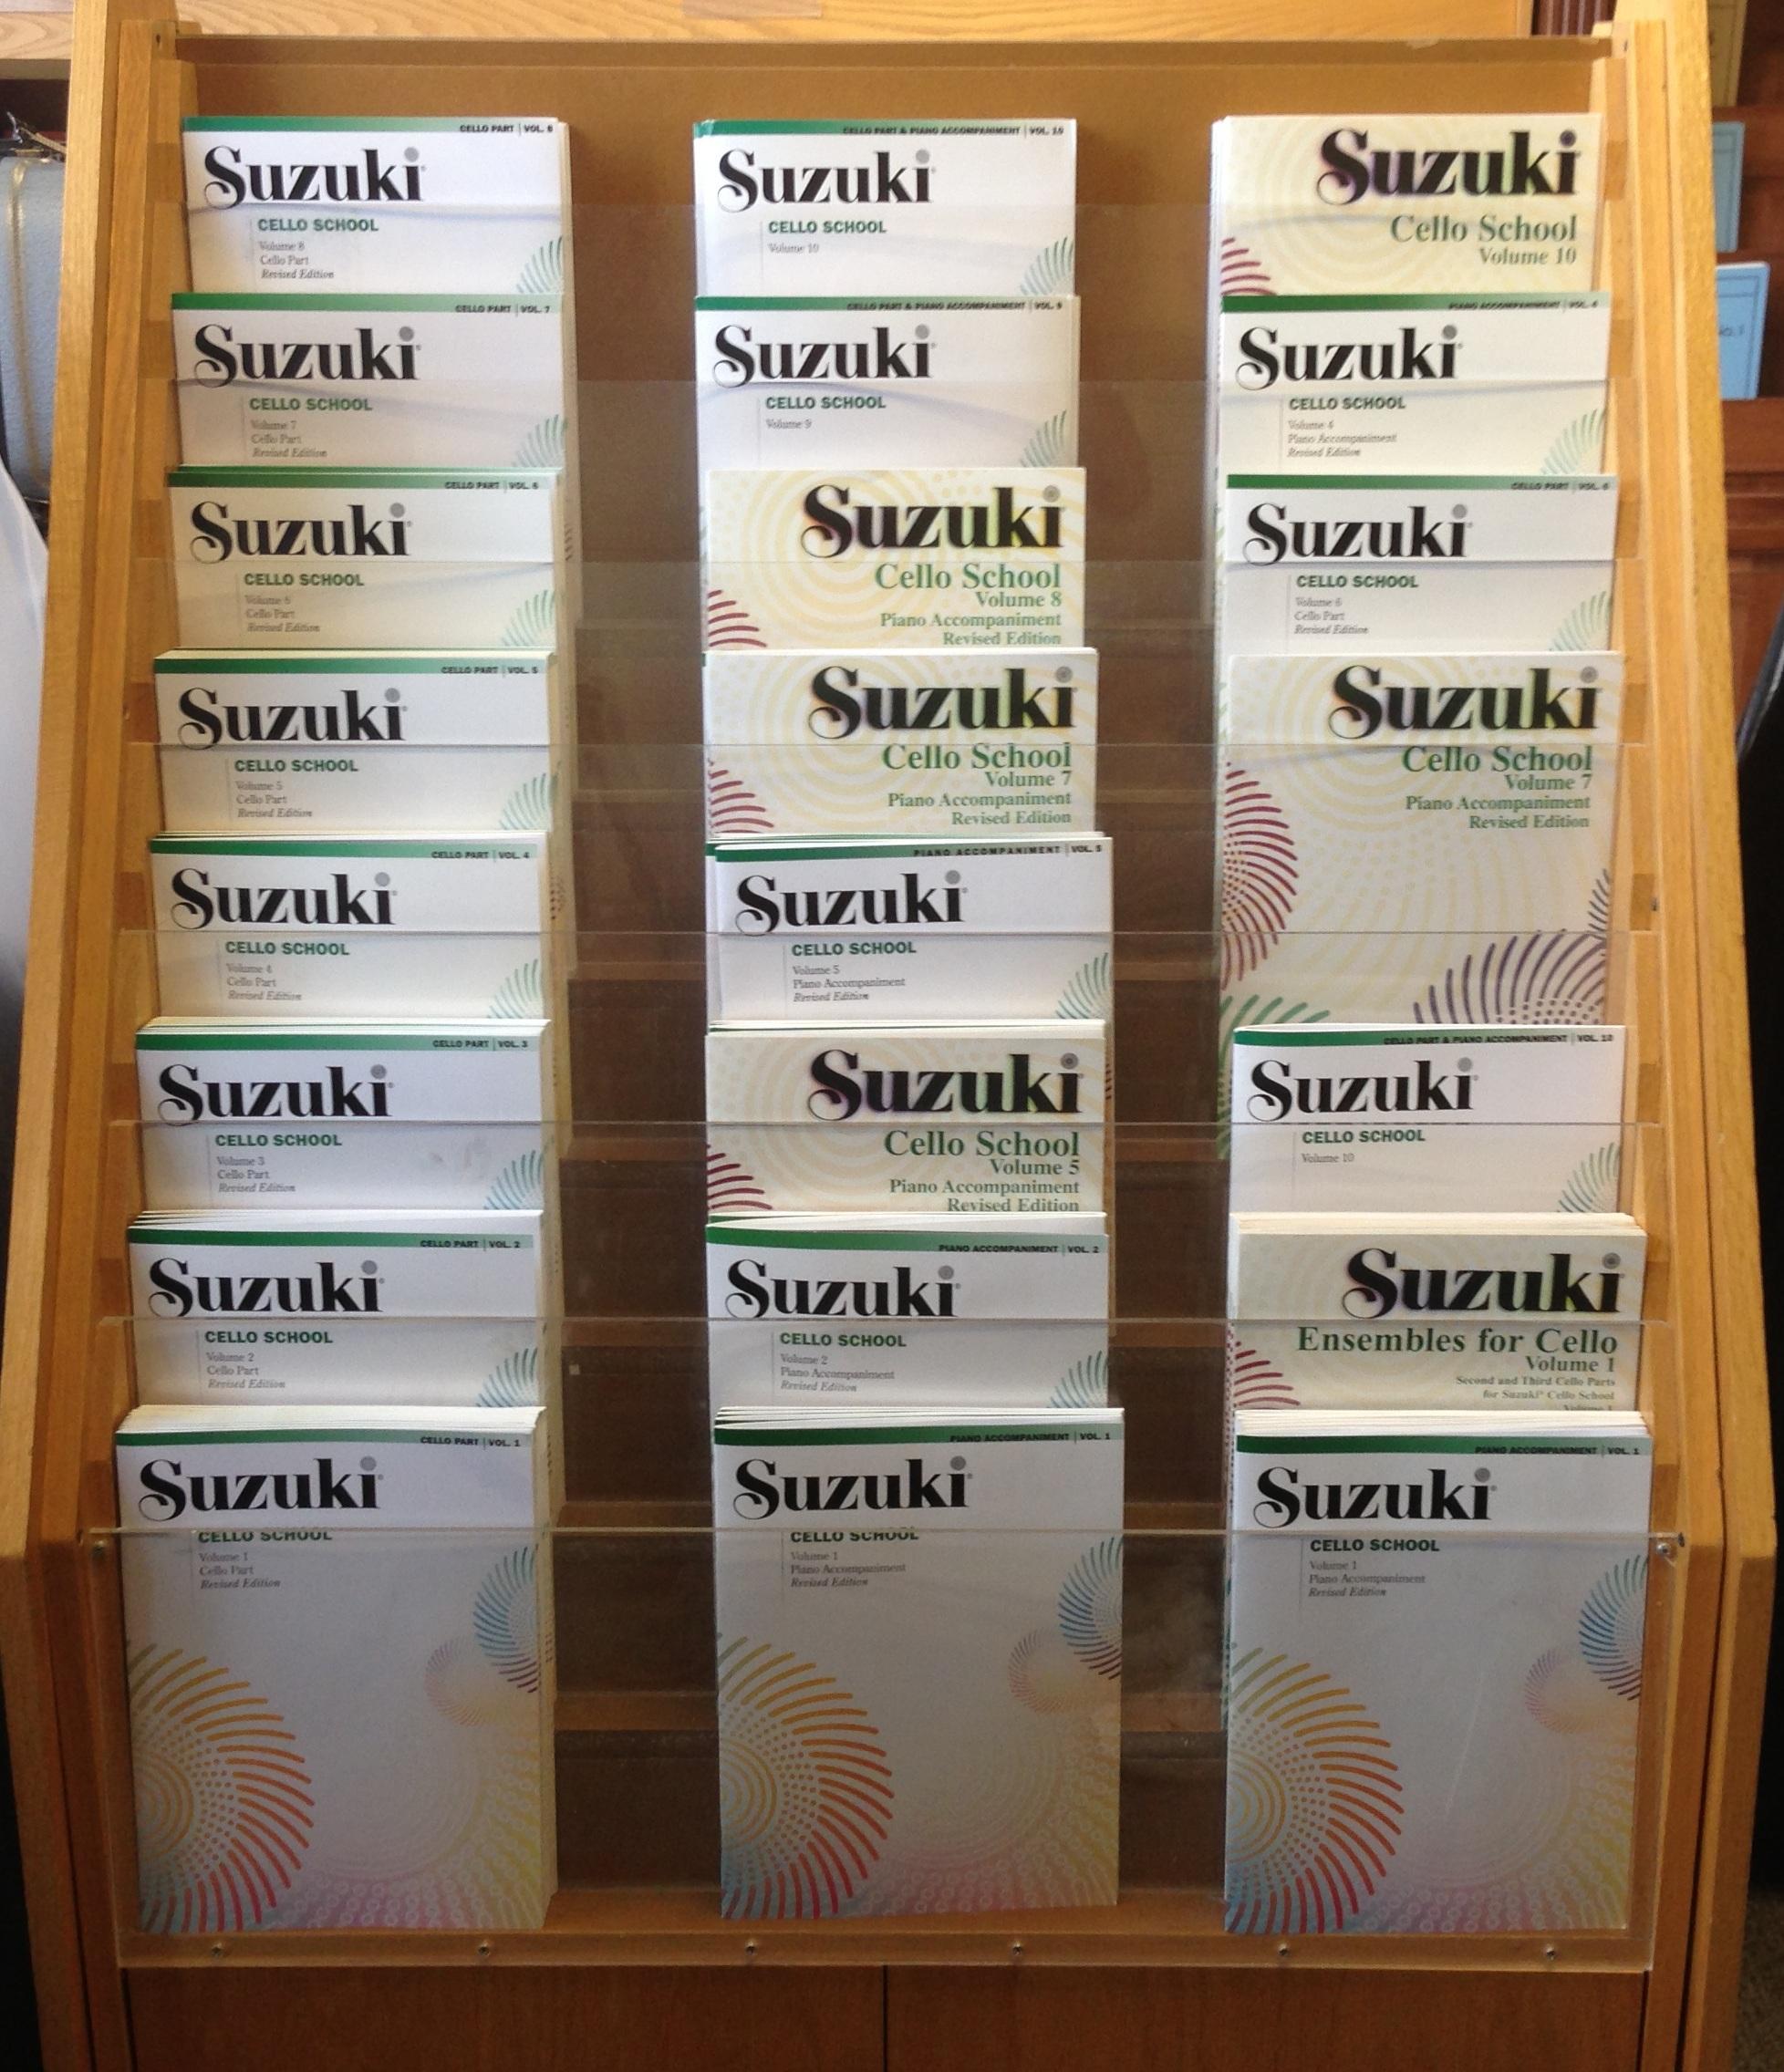 Suzuki Cello Books 1-10